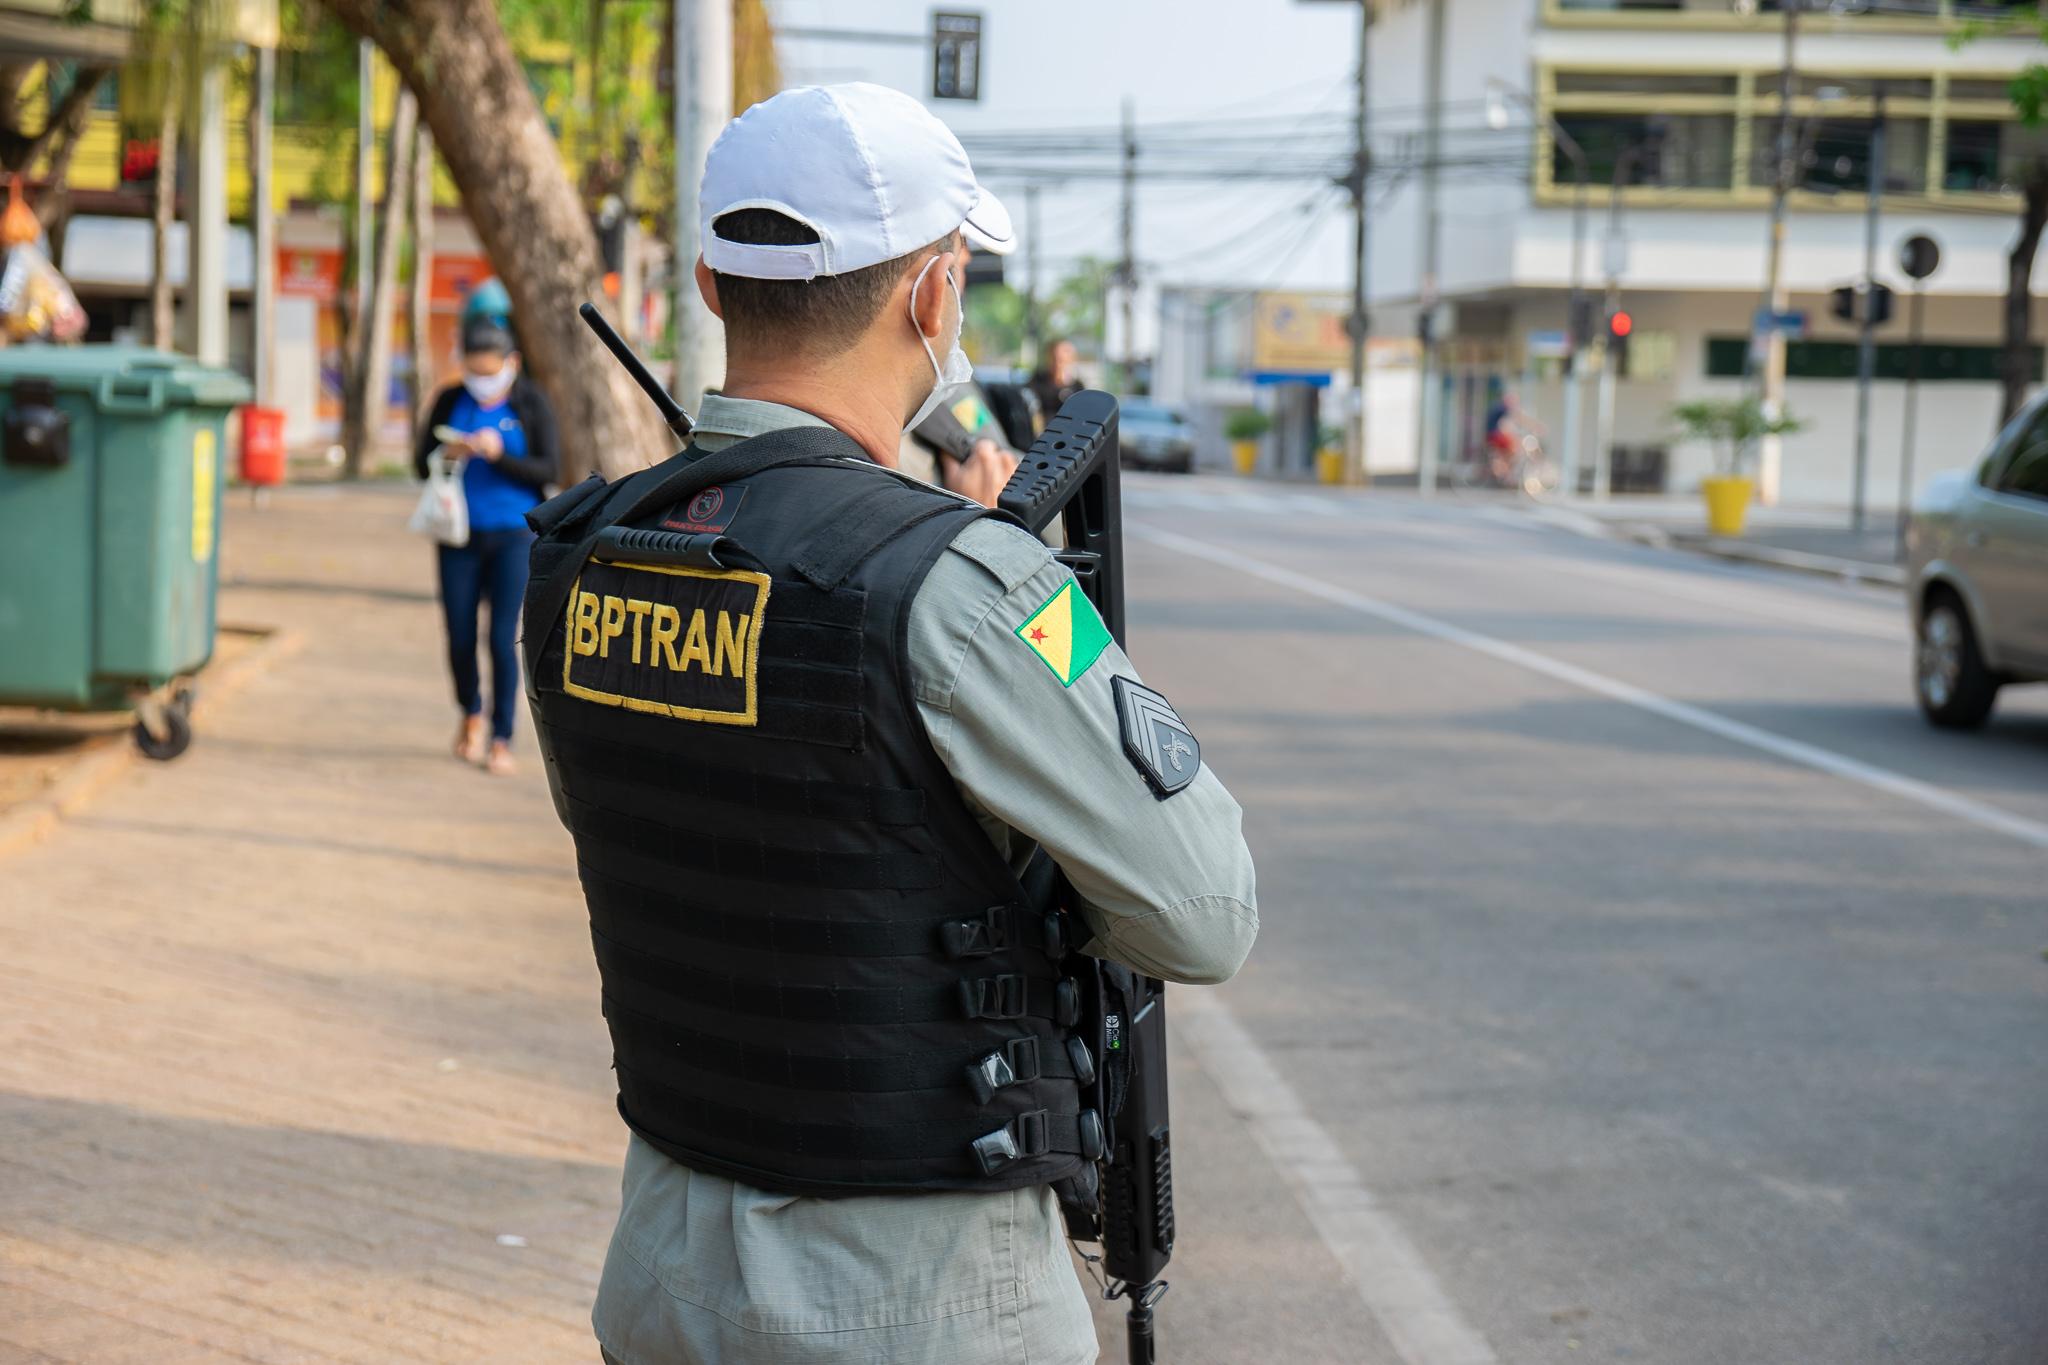 Polícia Militar inicia Operação Papai Noel nesta quinta-feira